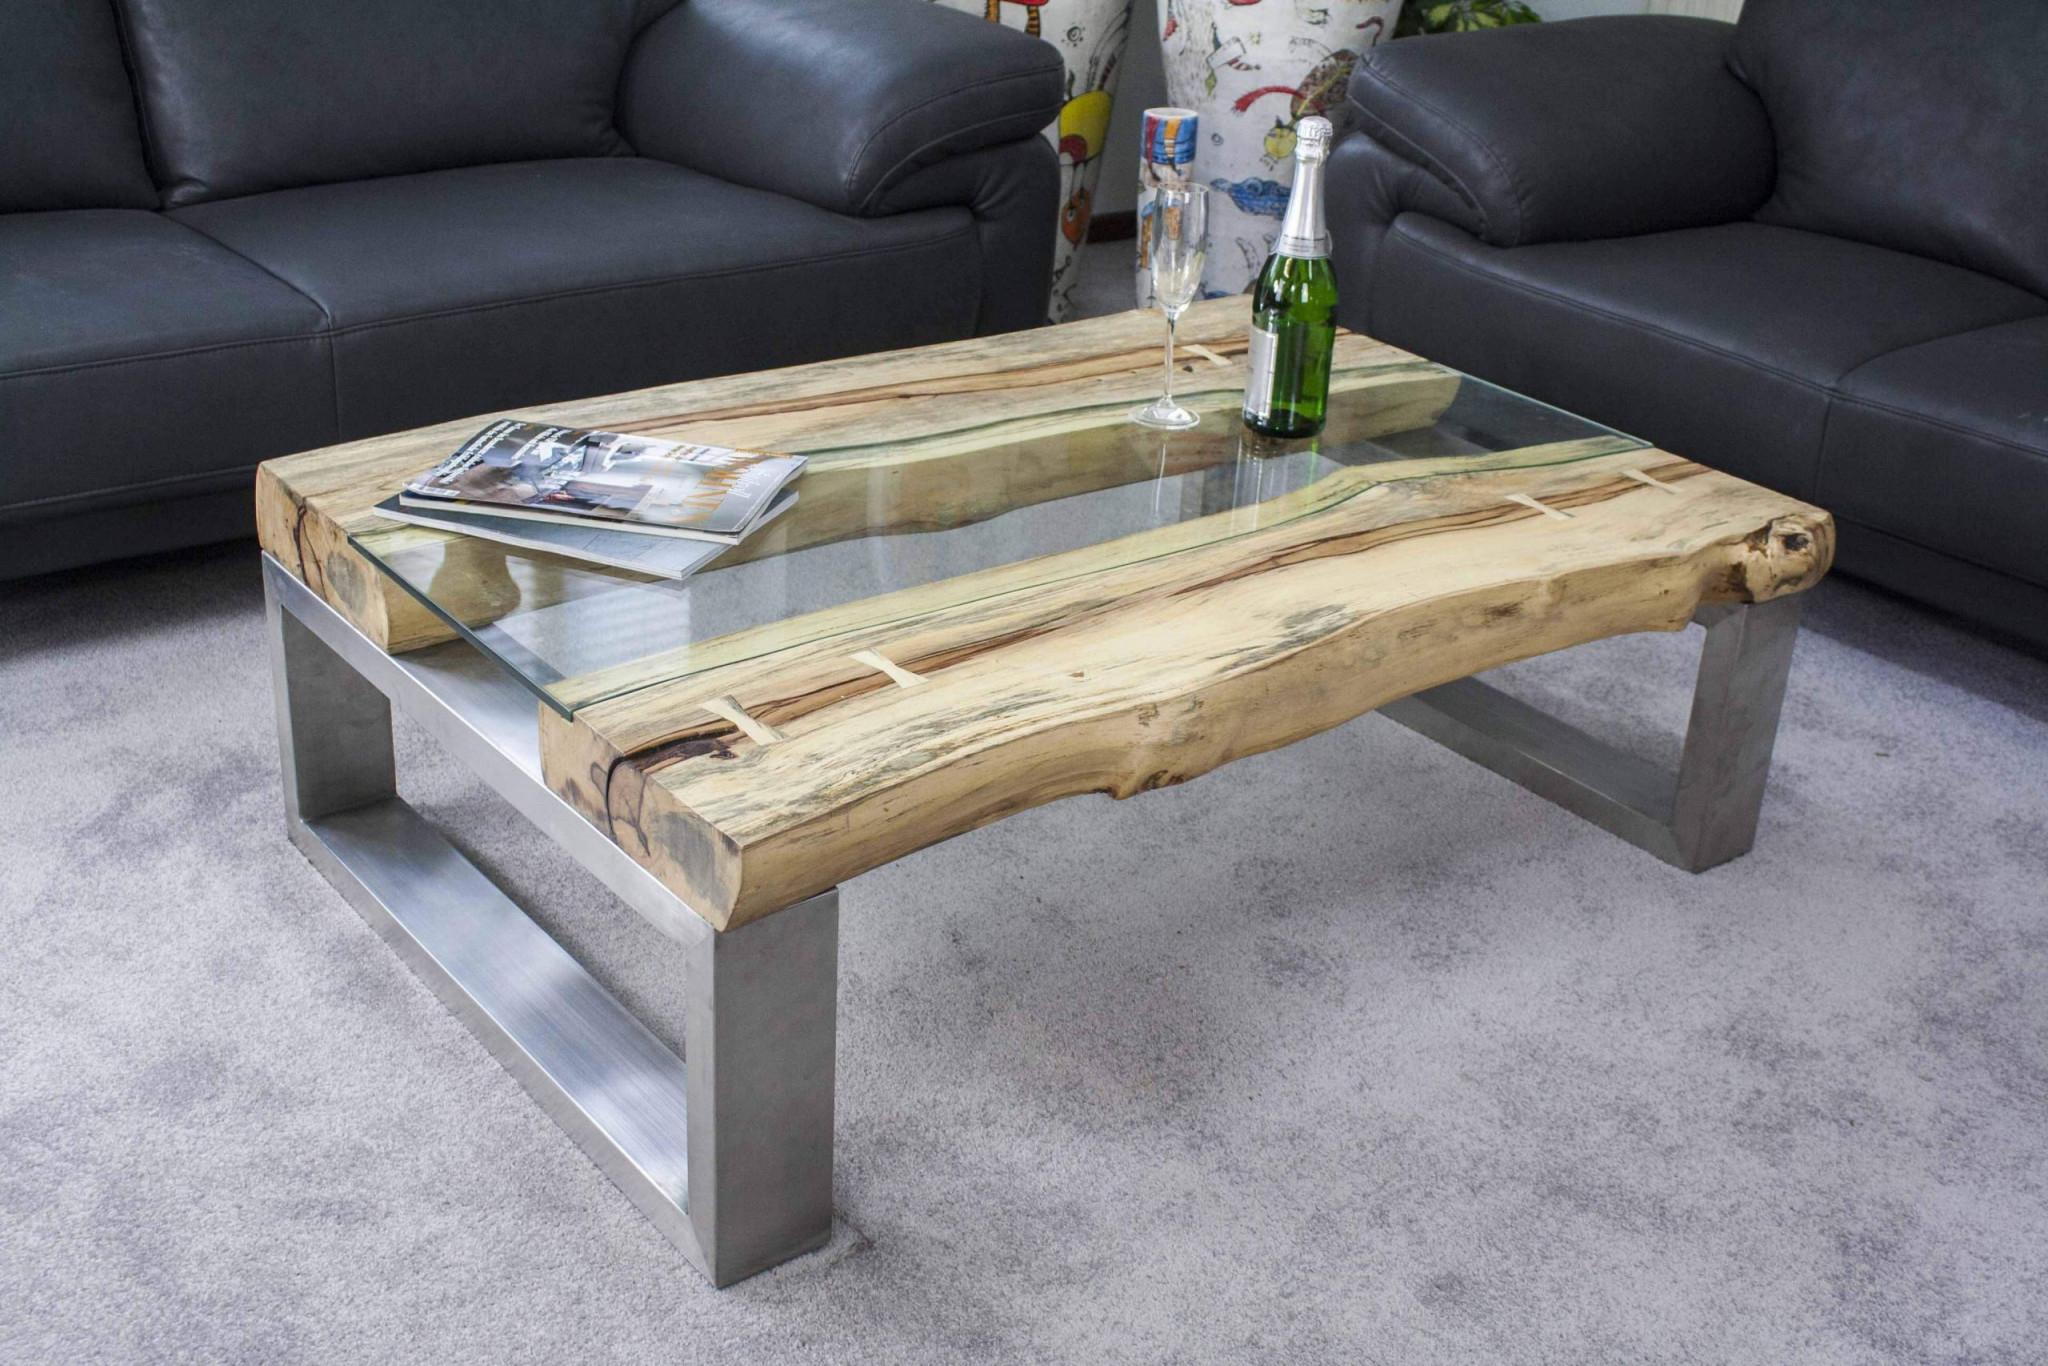 Wohnzimmer Glastisch Neu Tischdeko Couchtisch Glastisch Schn von Deko Für Wohnzimmer Glastisch Bild